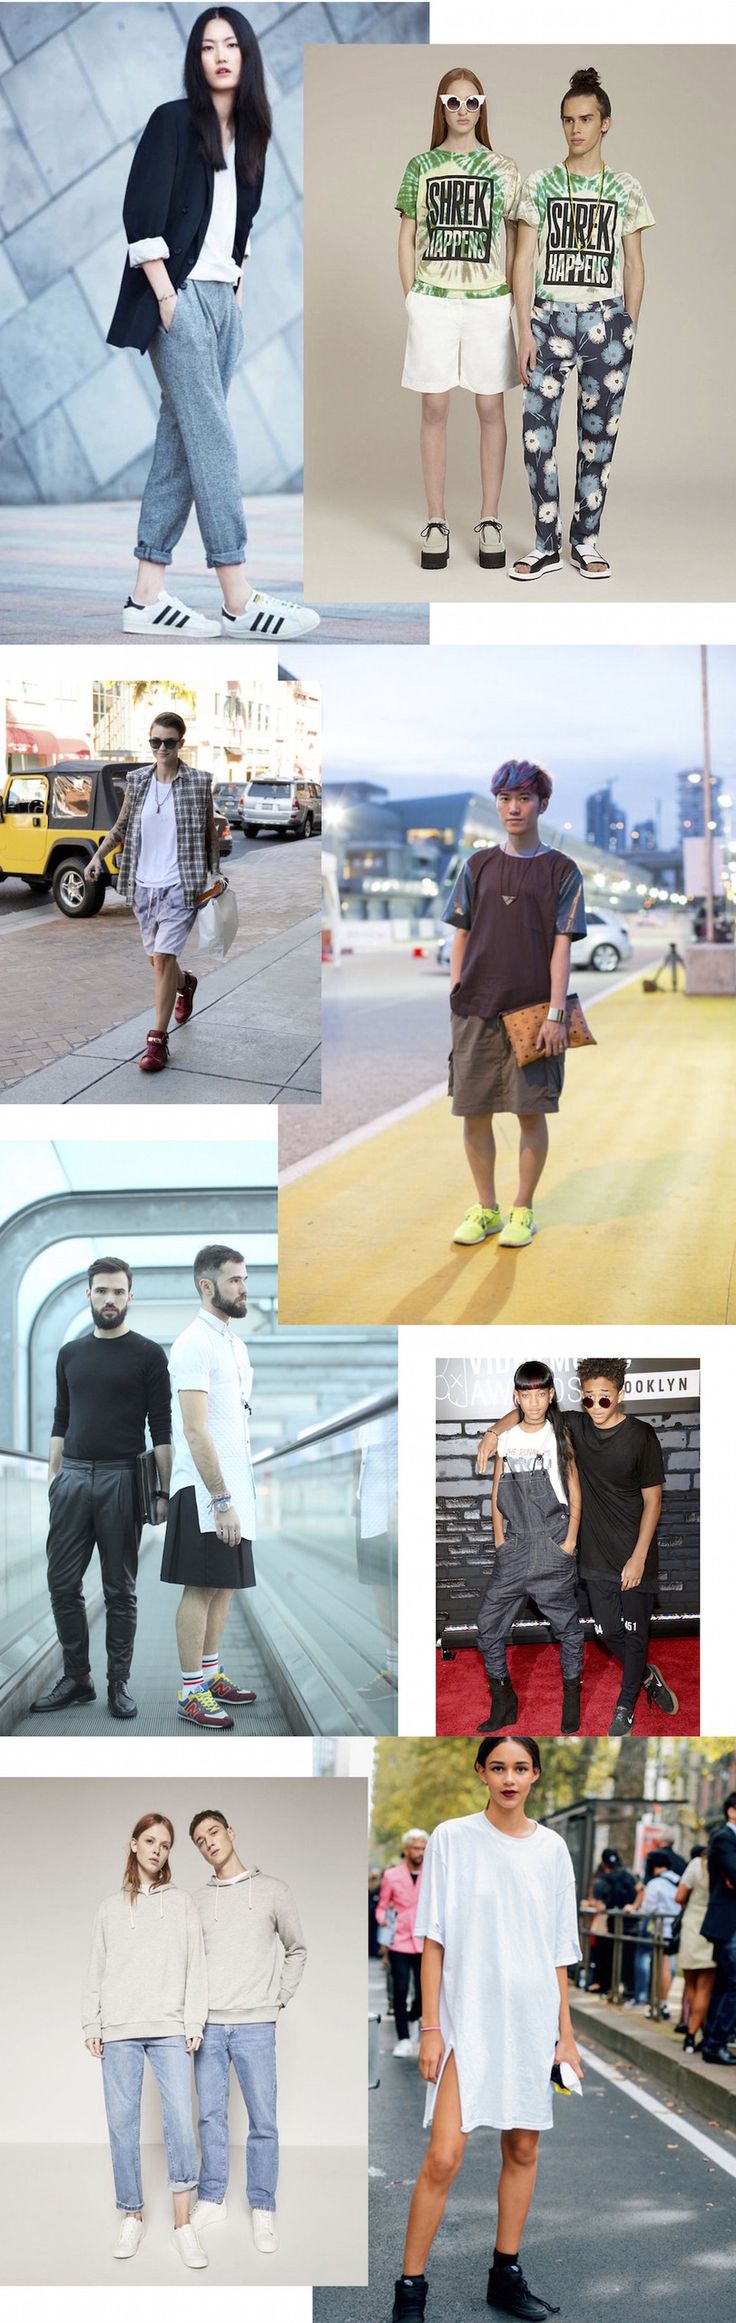 Genderless – moda sem gênero - mais que uma questão de estilo http://www.dropsdasdez.com.br/drops-estilo/genderless-moda-sem-genero/